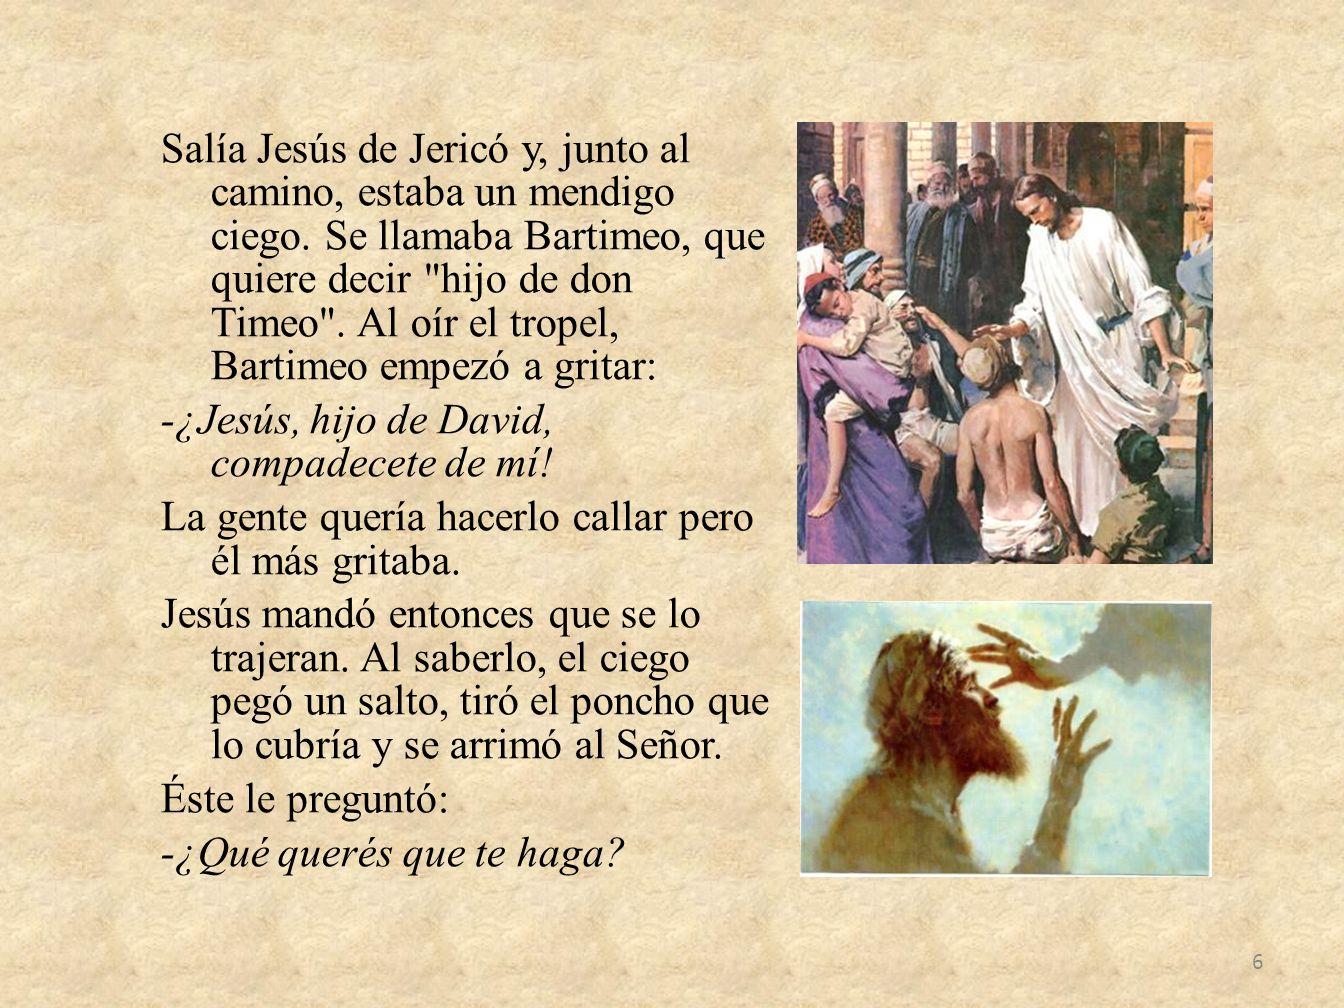 Salía Jesús de Jericó y, junto al camino, estaba un mendigo ciego